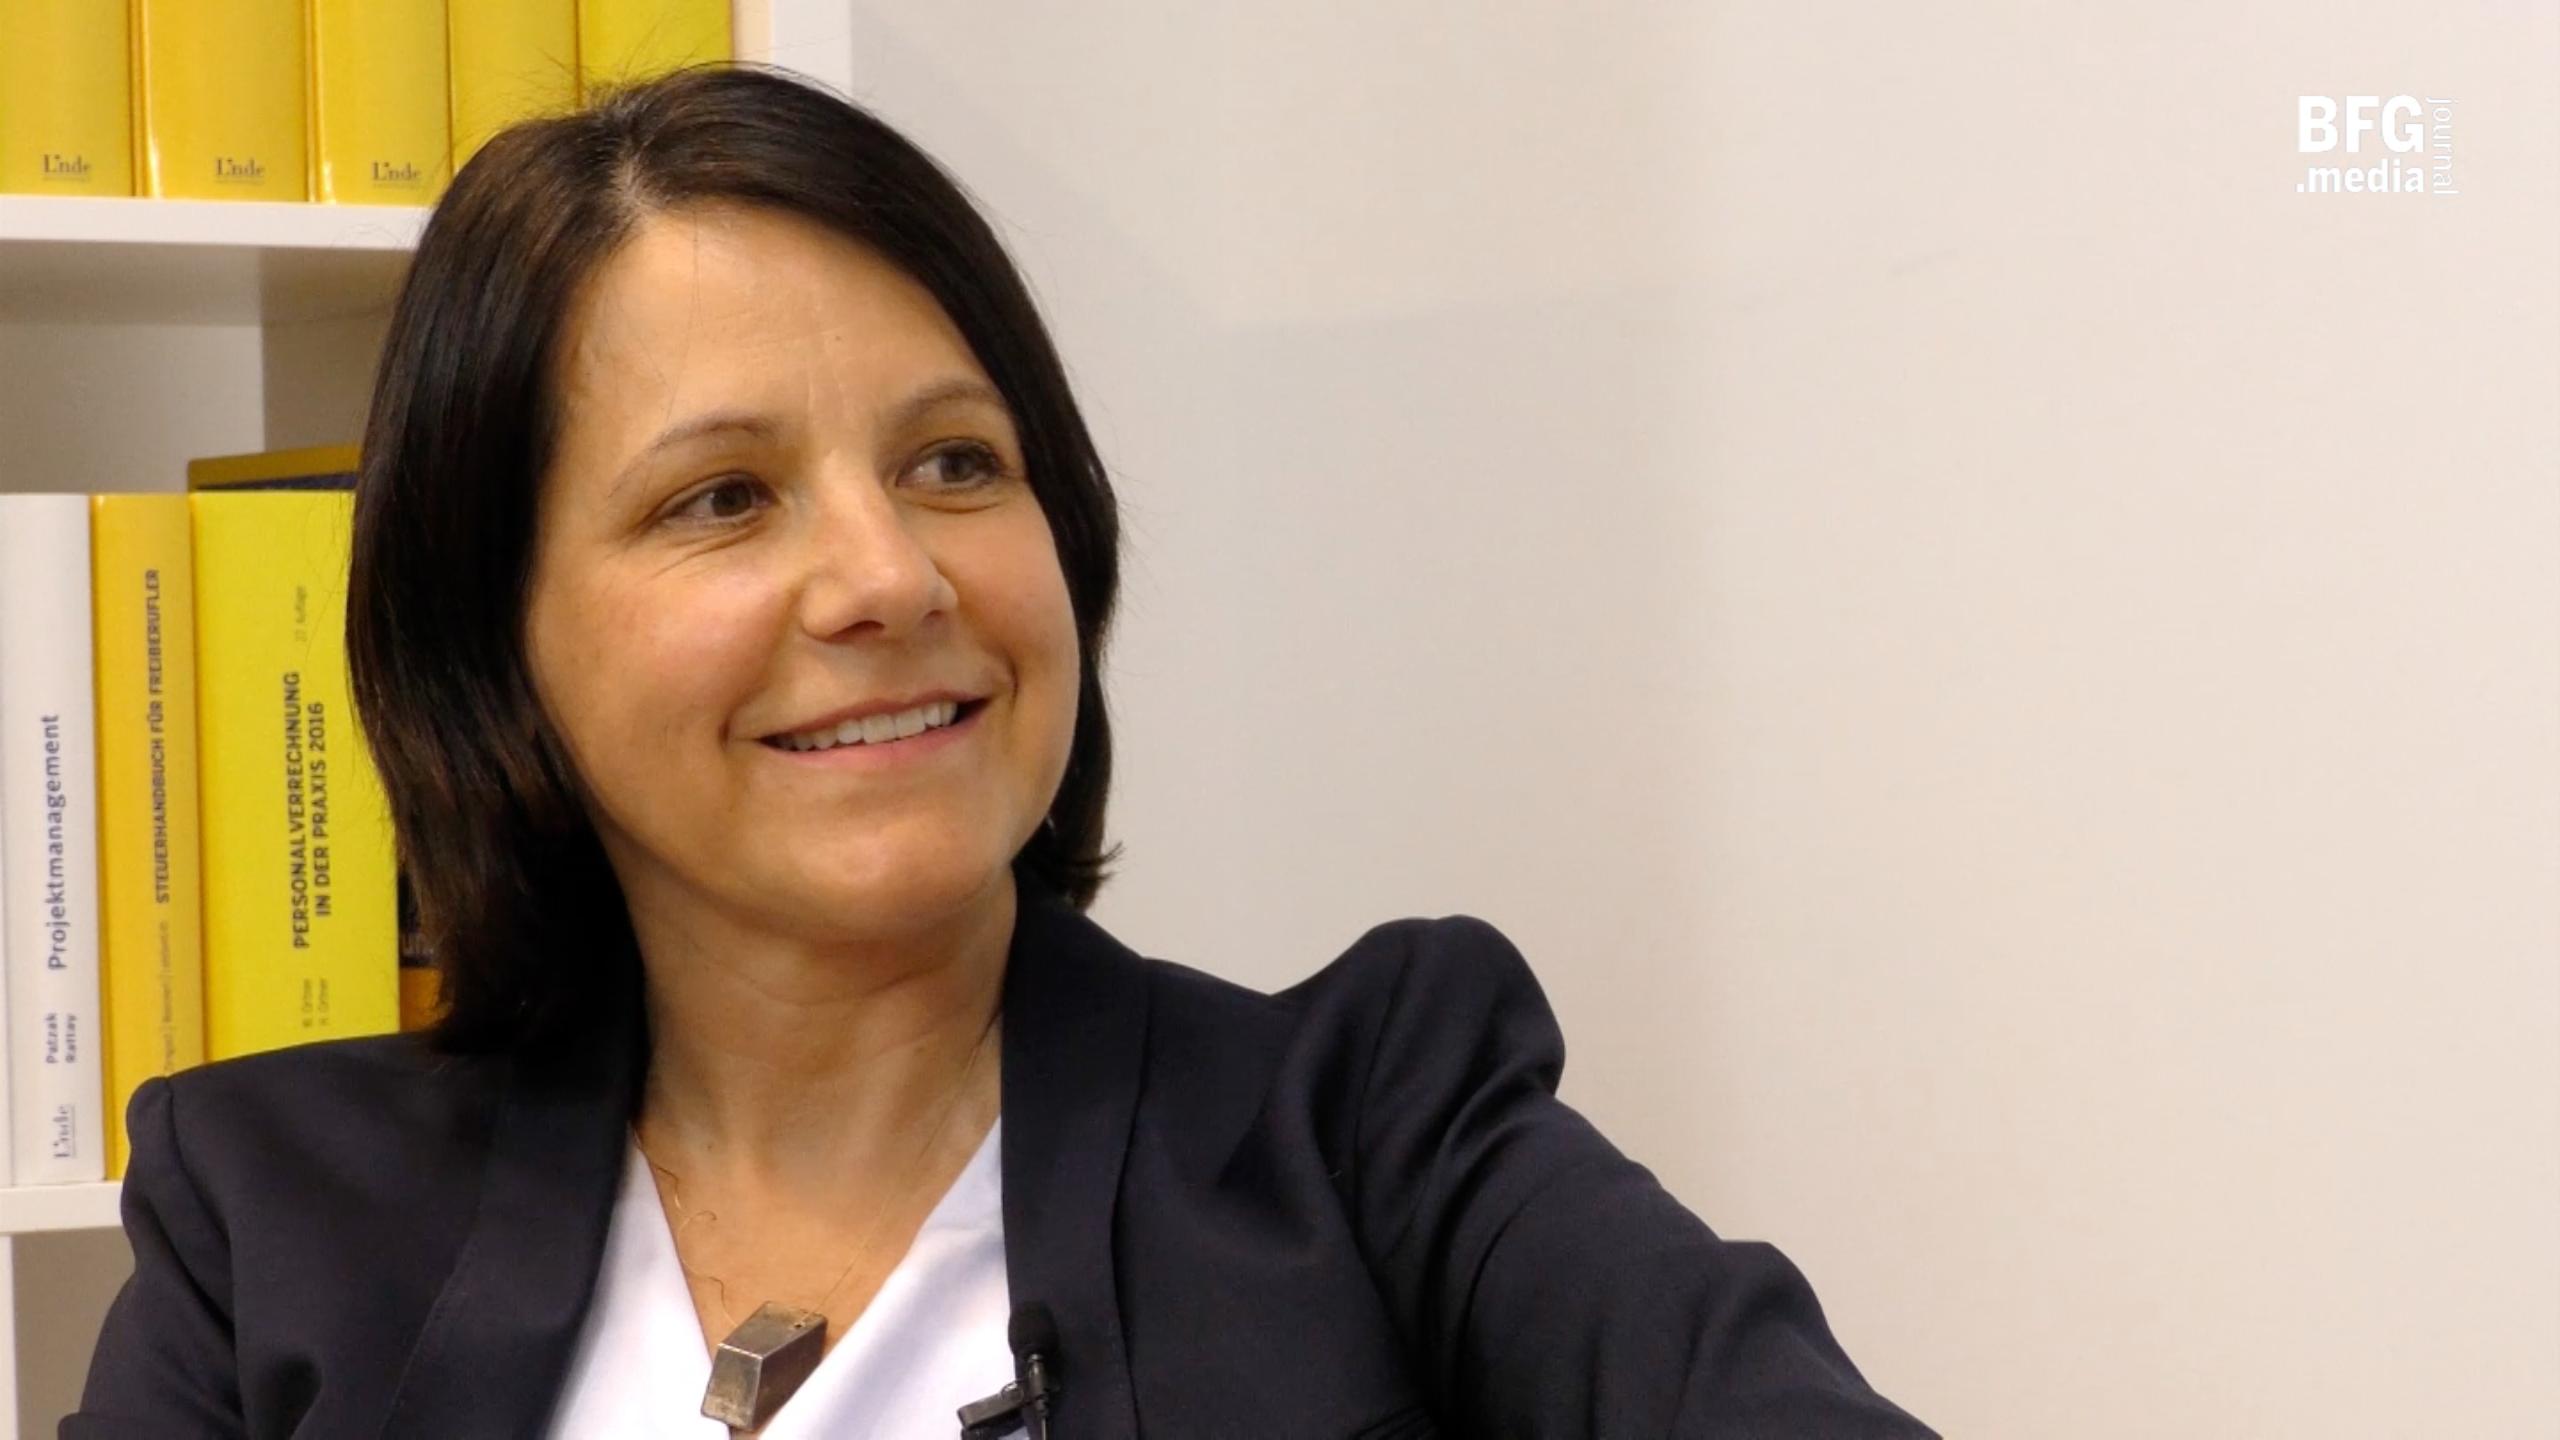 Mag. Sieglinde Moser ist Steuerberaterin und Wirtschaftsprüferin. (Bild: © Linde Verlag)